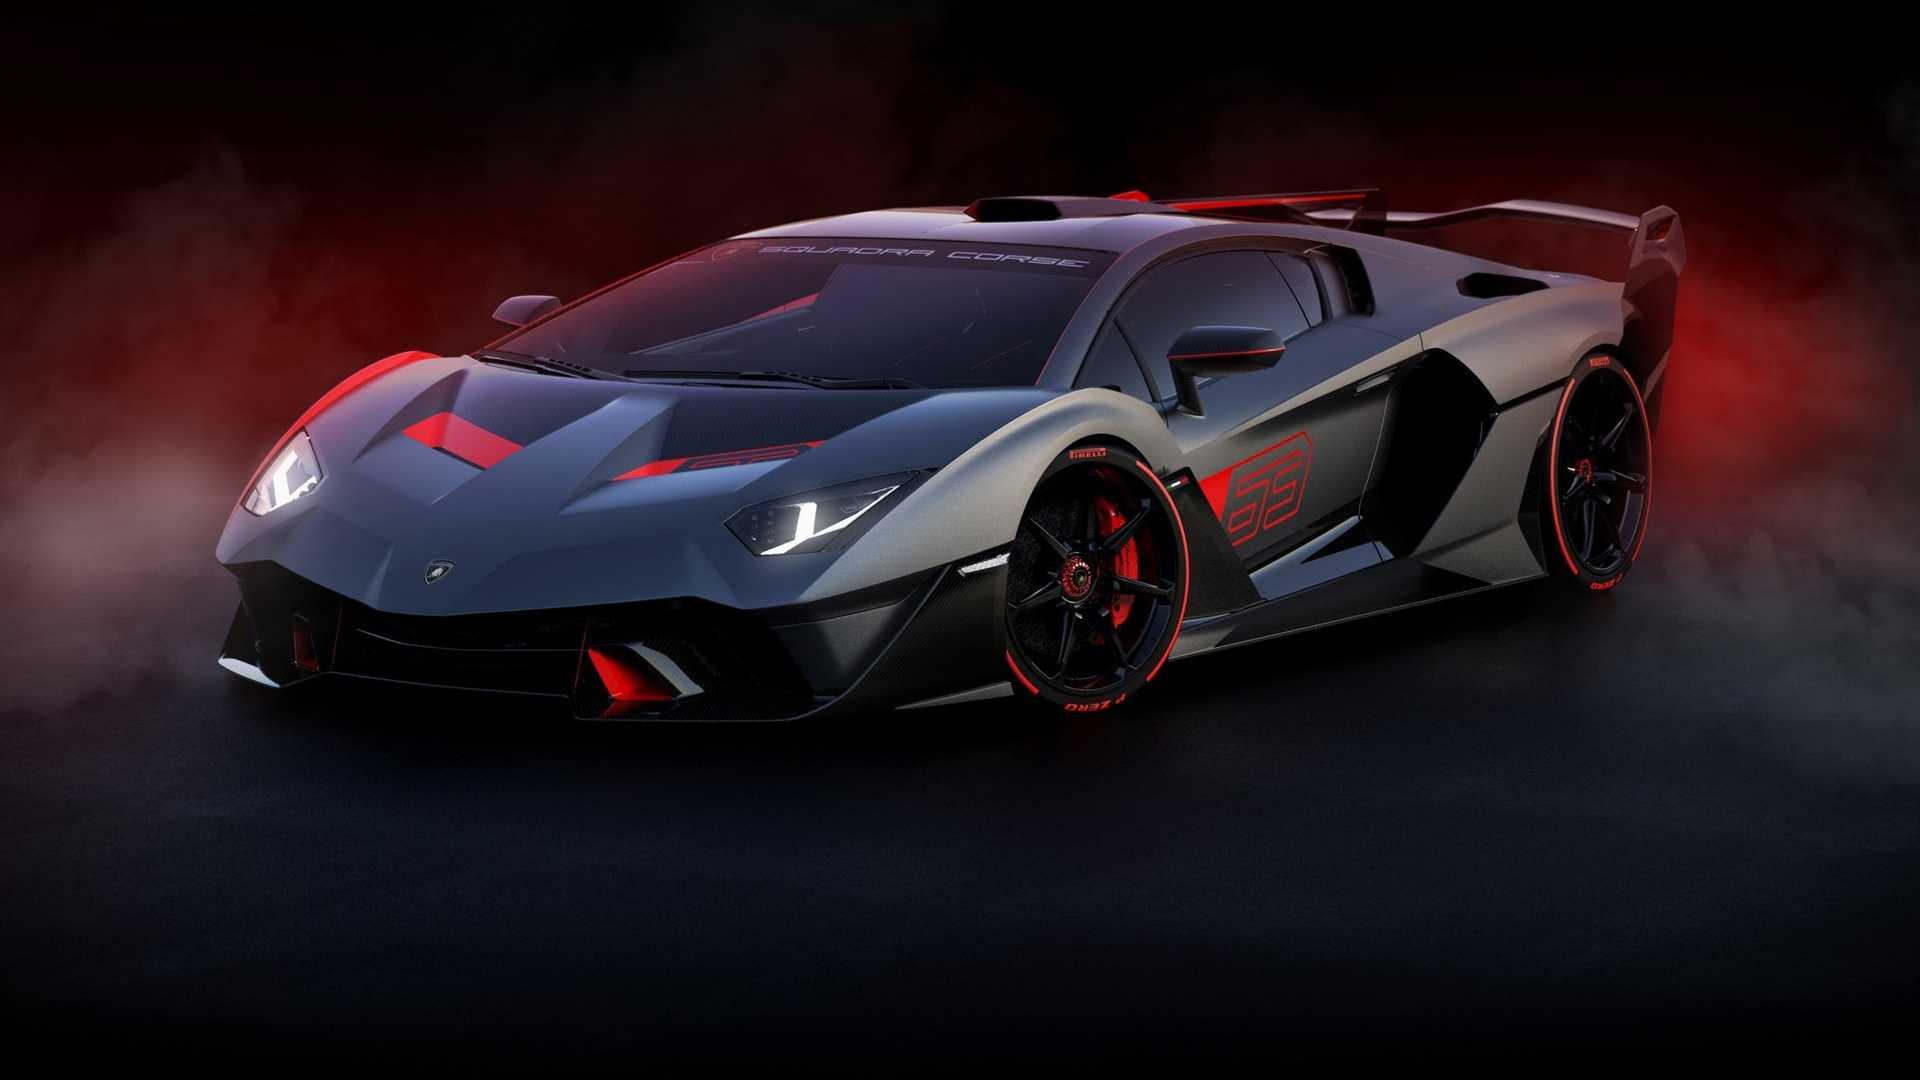 48 Great The 2020 Lamborghini Exterior and Interior by The 2020 Lamborghini